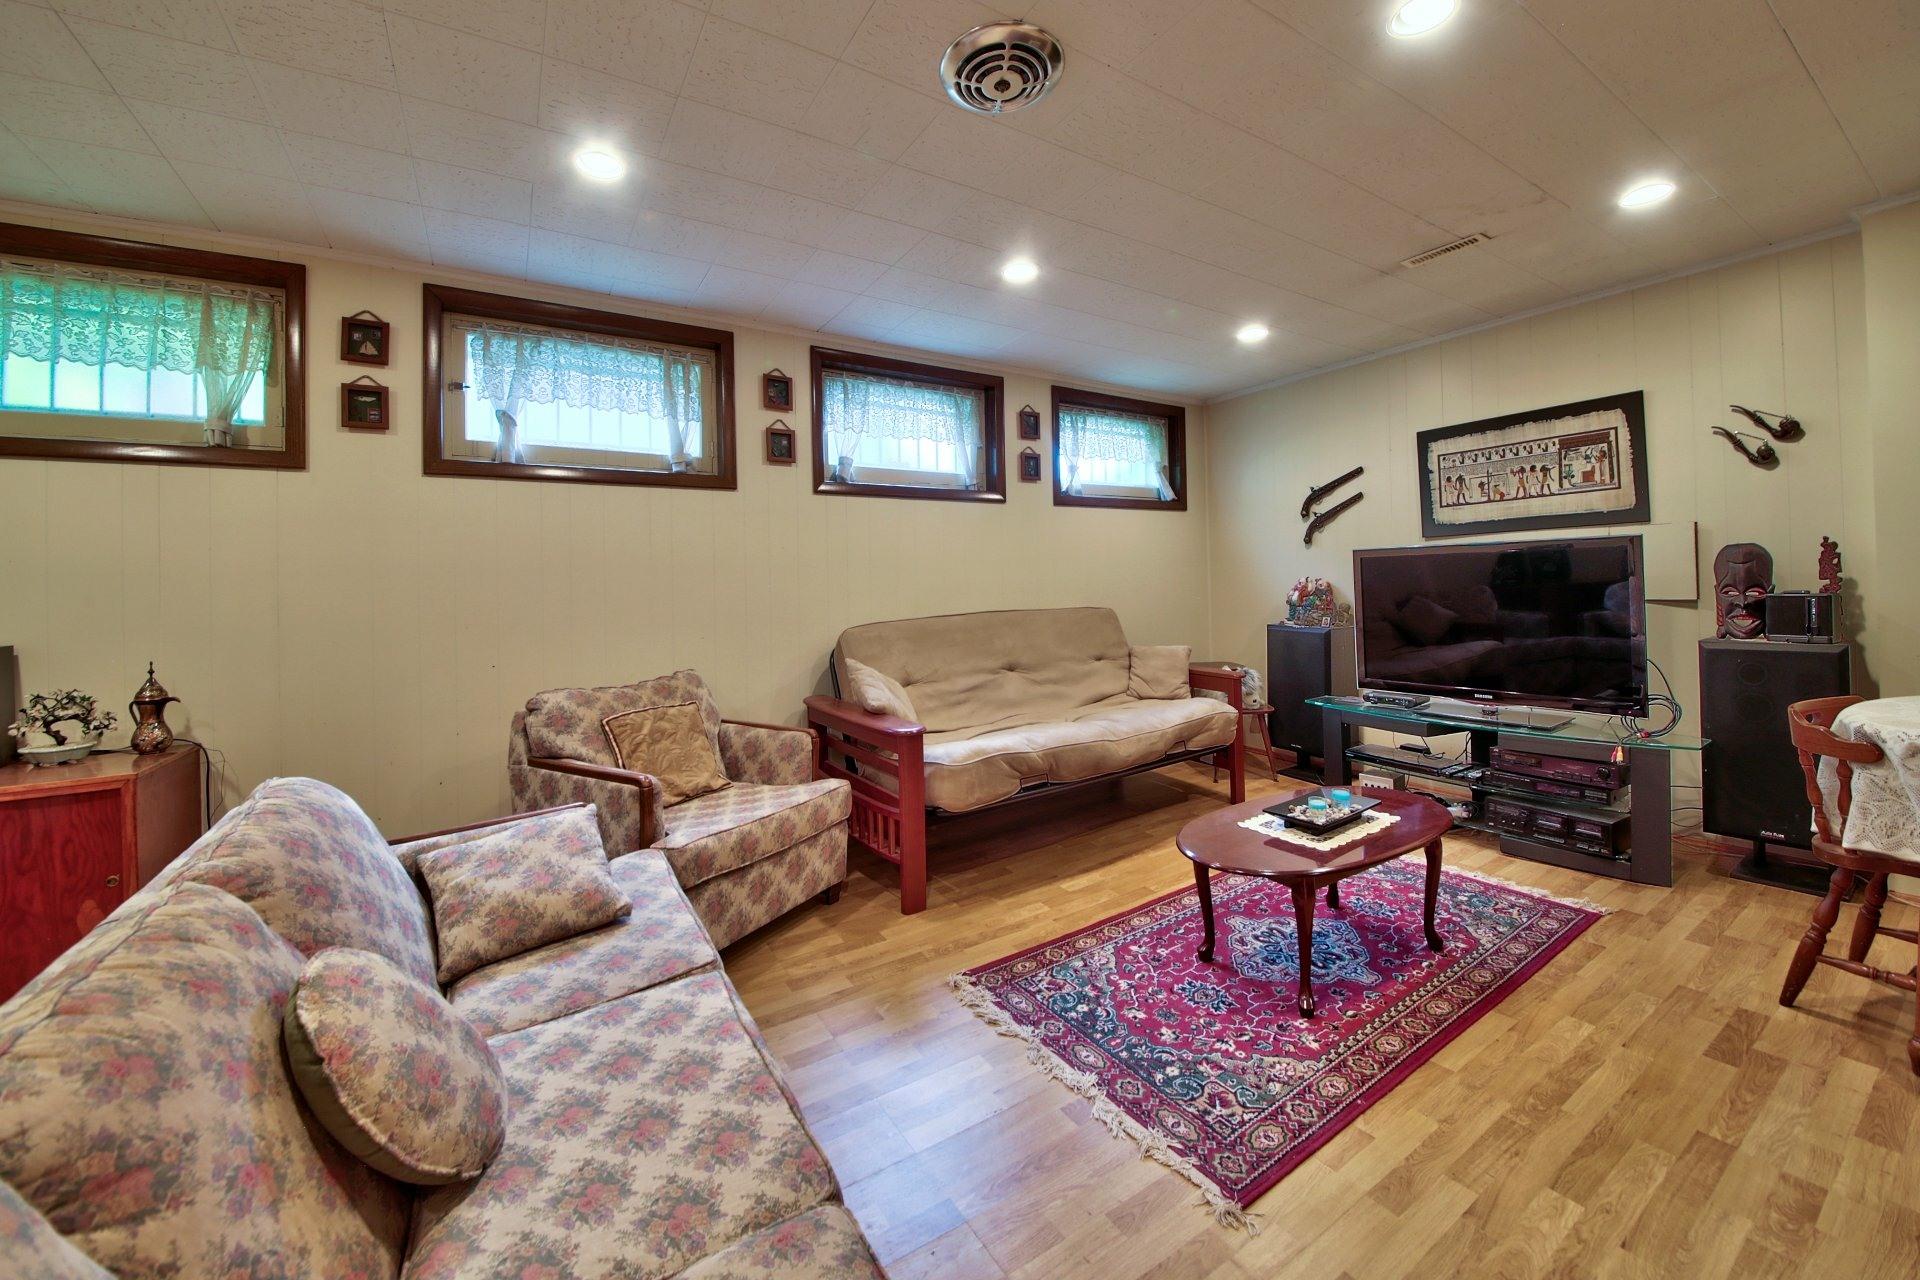 image 18 - House For sale Ahuntsic-Cartierville Montréal  - 11 rooms